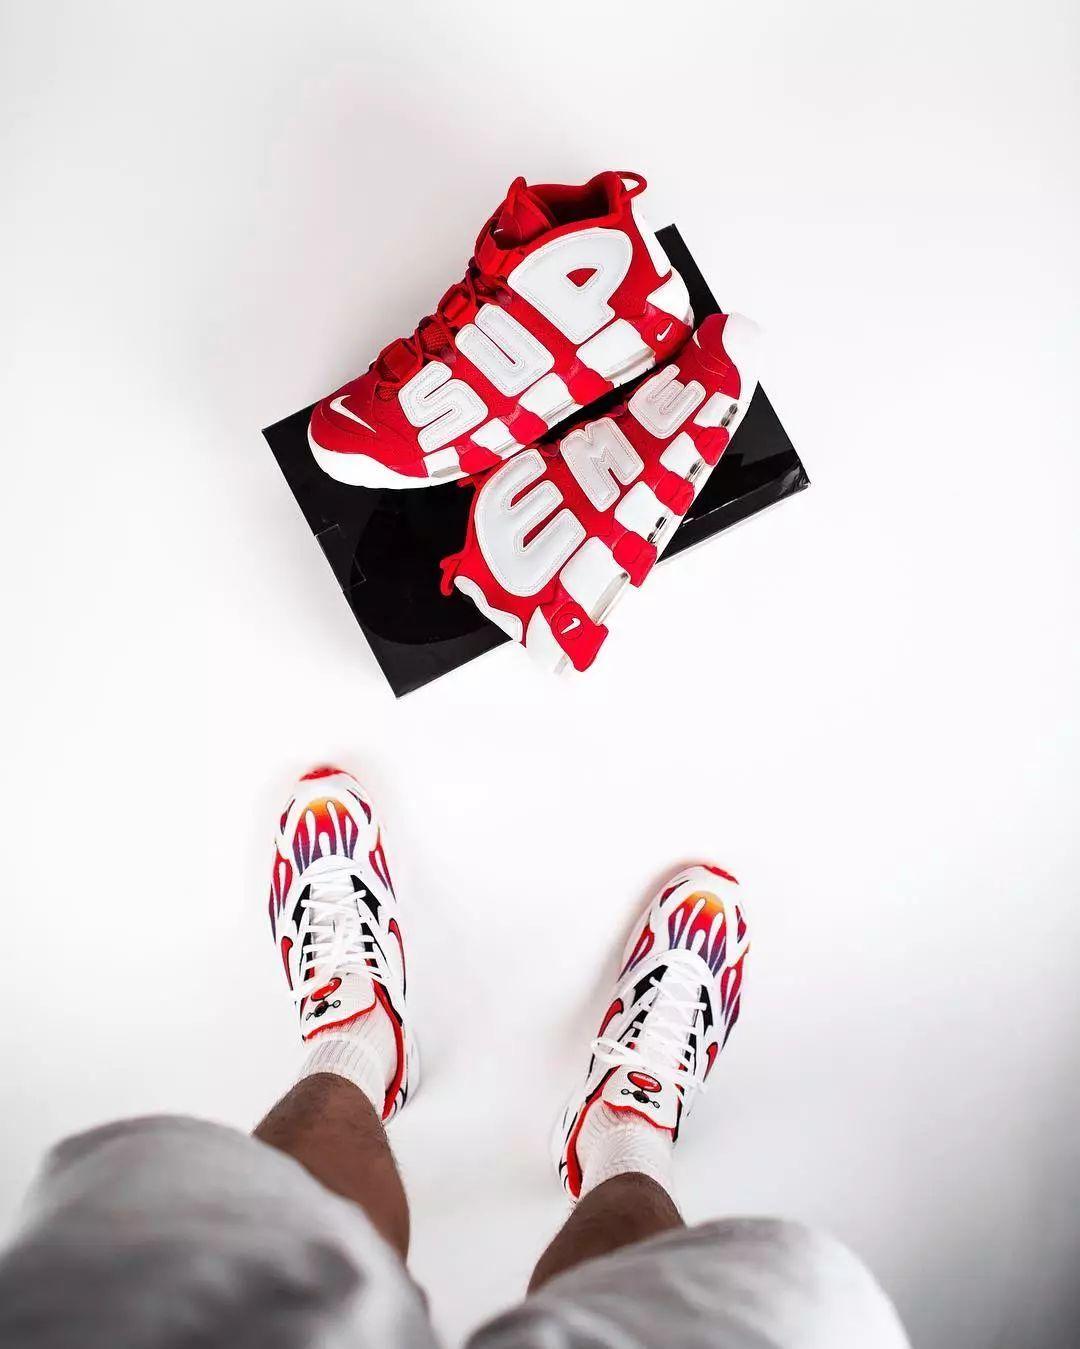 壁池 | 通常你喜歡怎麼拍球鞋?